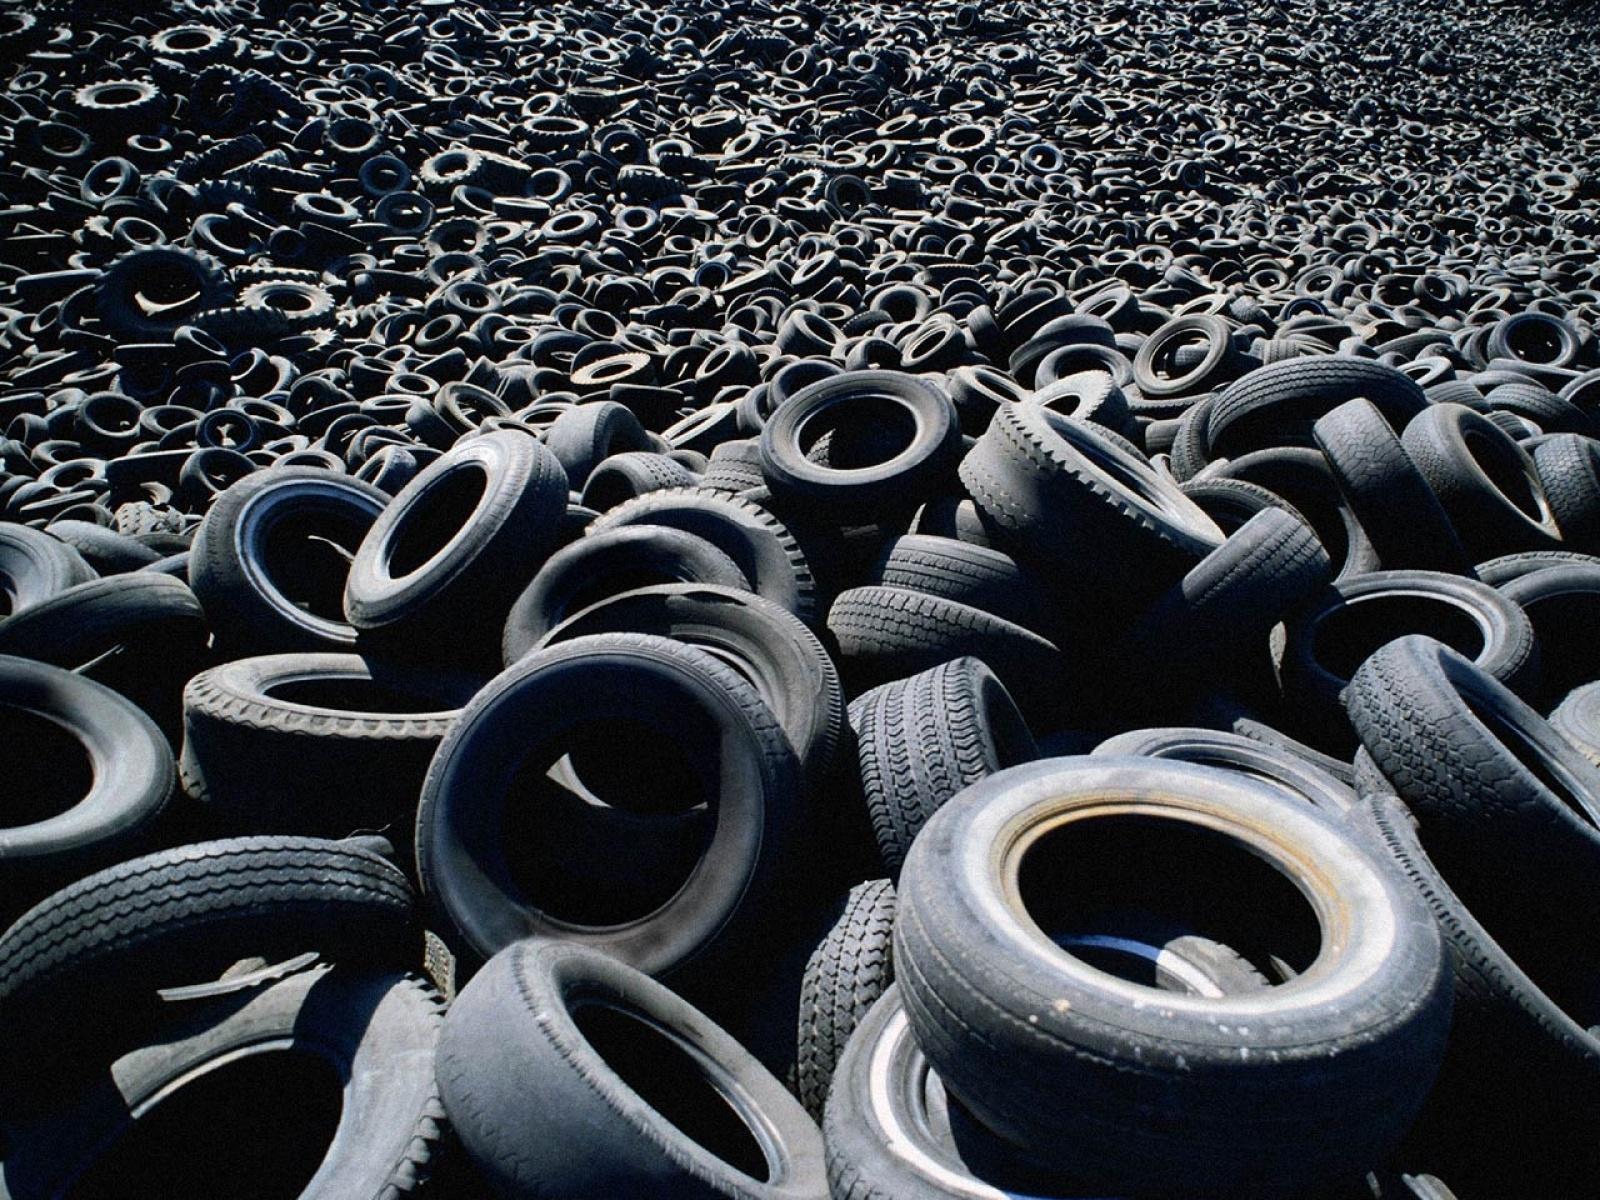 Старые шины можно сдать во Власихе, Краснознаменске и д. Казино Одинцовского района